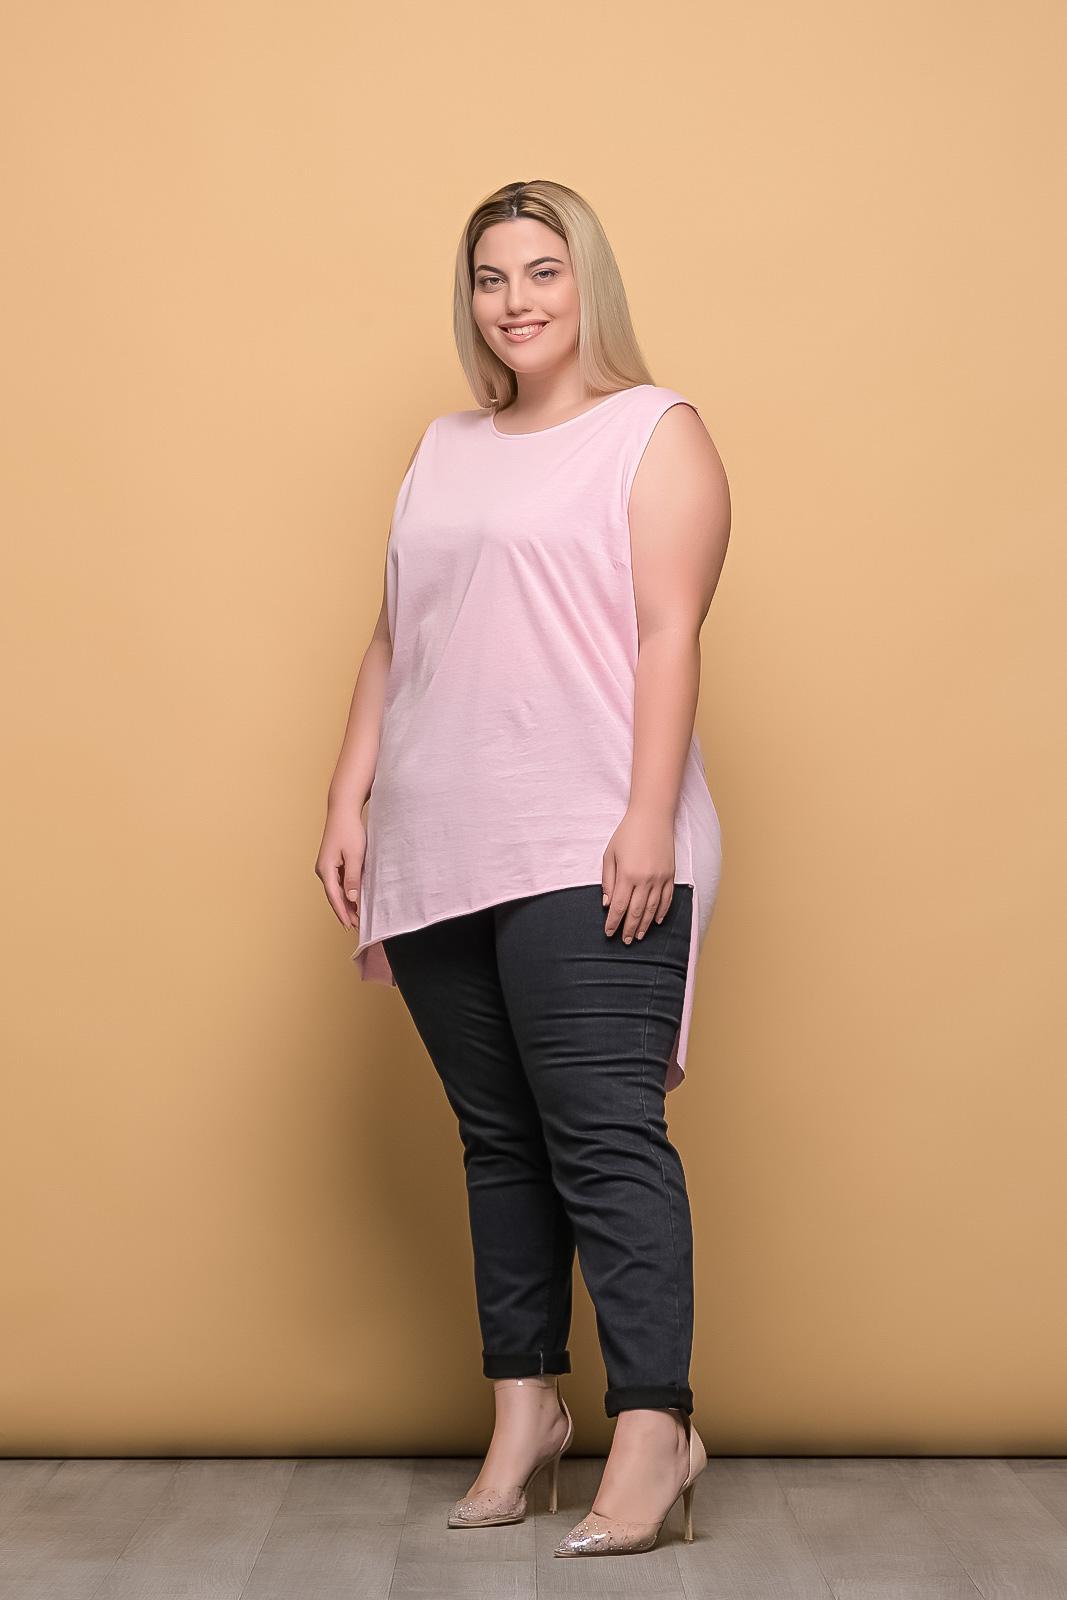 Μπλουζοφόρεμα αμάνικο βαμβακερό ροζ